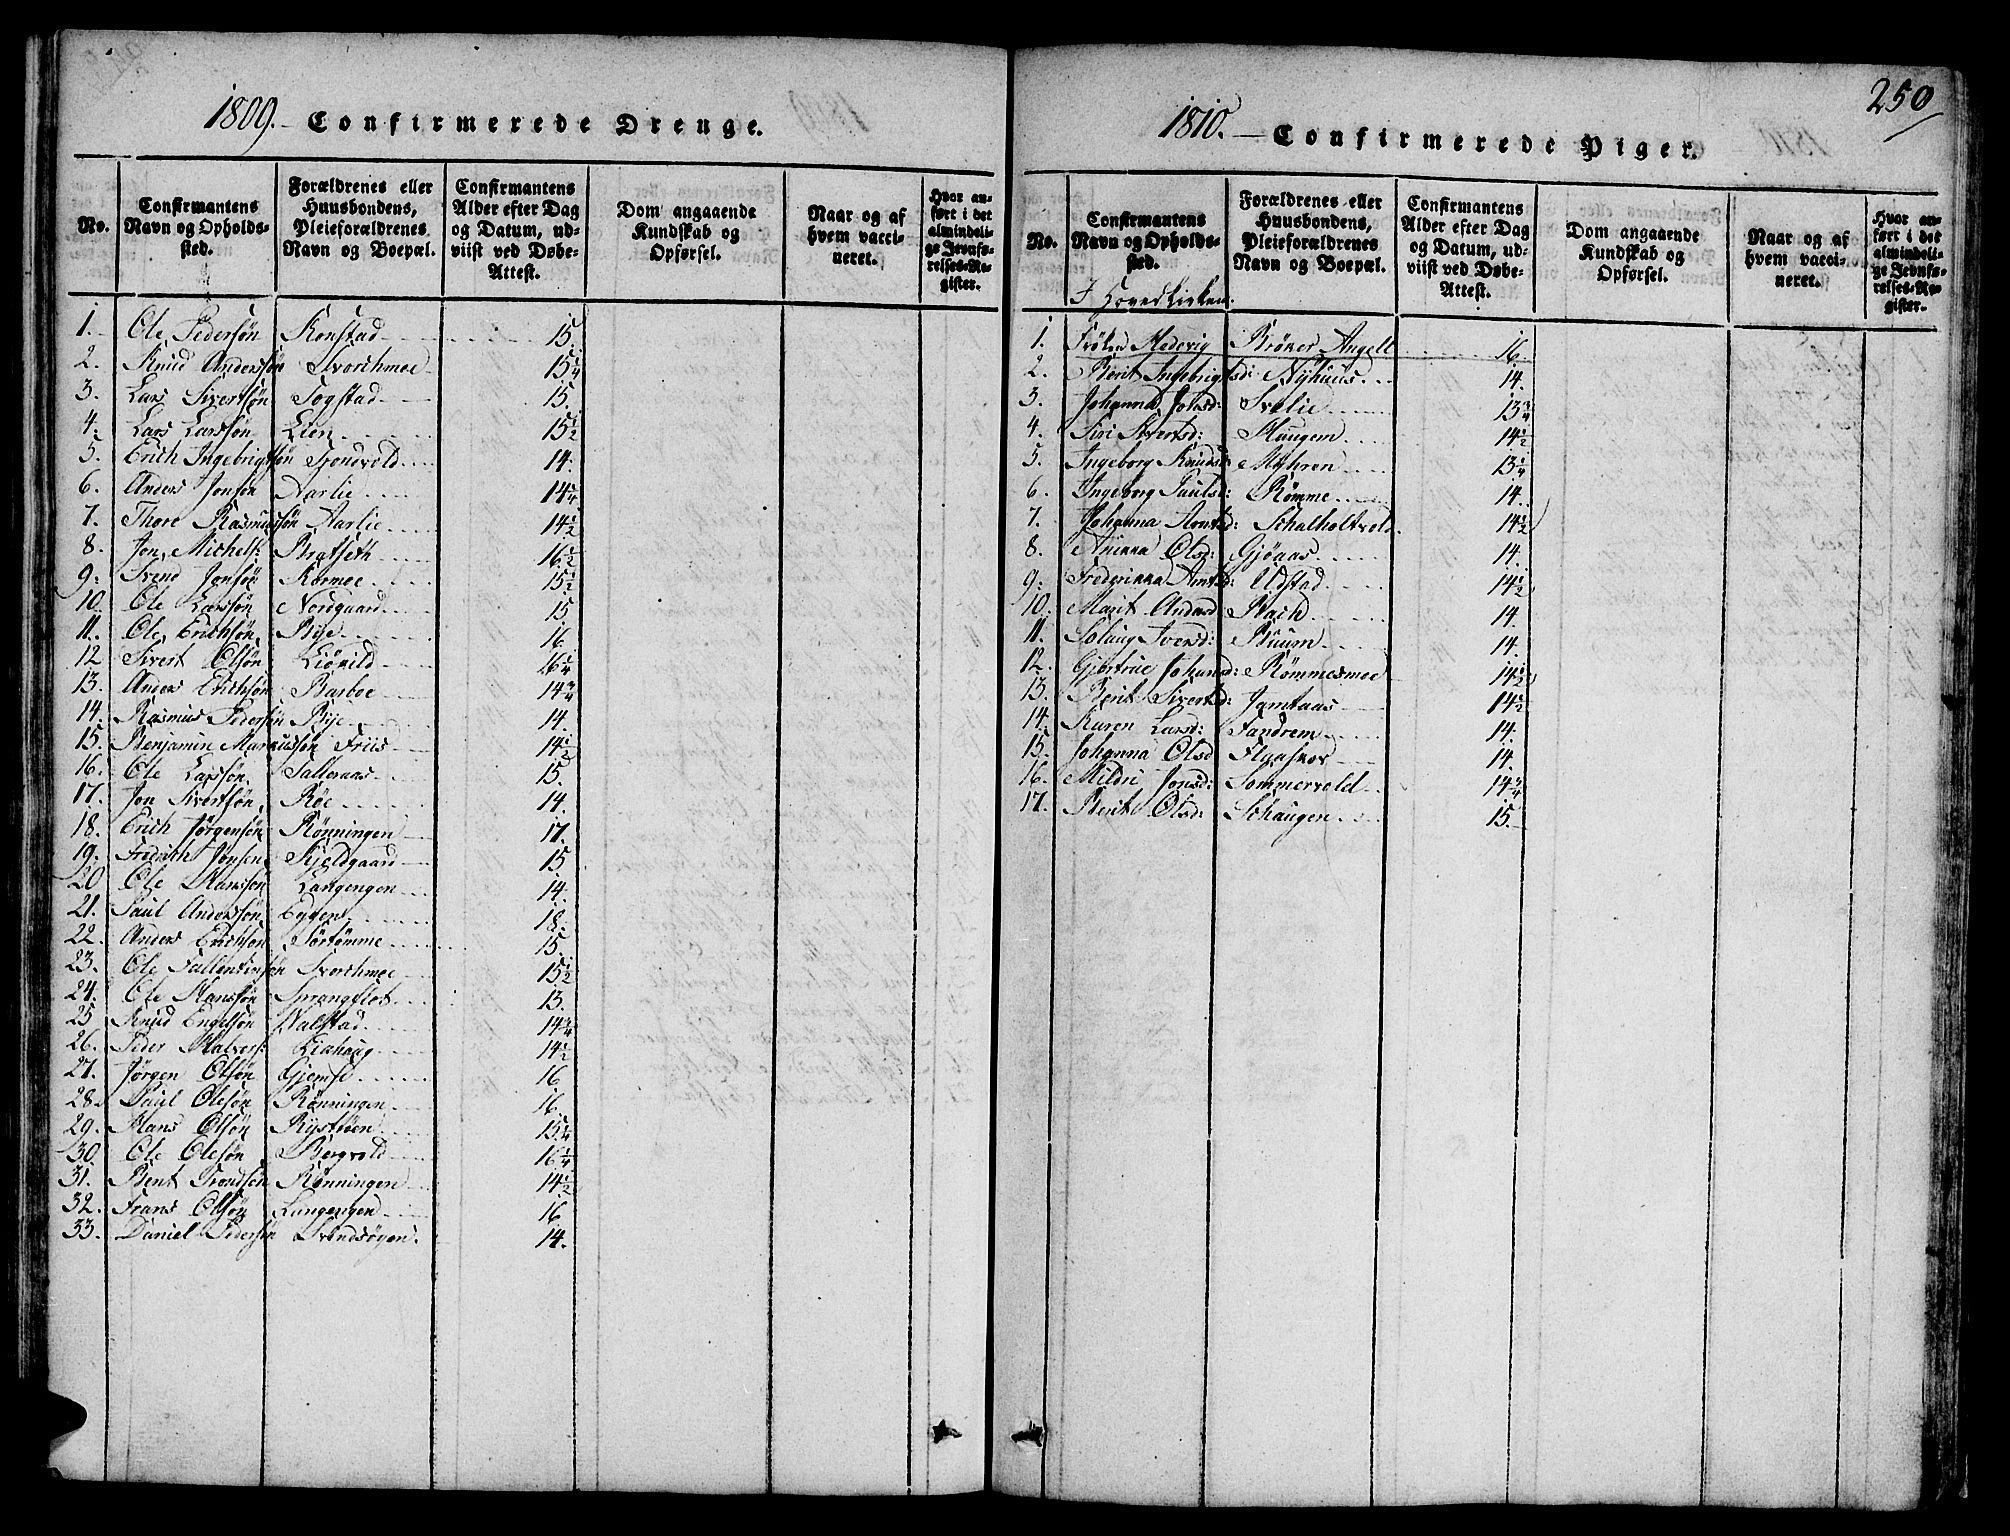 SAT, Ministerialprotokoller, klokkerbøker og fødselsregistre - Sør-Trøndelag, 668/L0803: Ministerialbok nr. 668A03, 1800-1826, s. 250